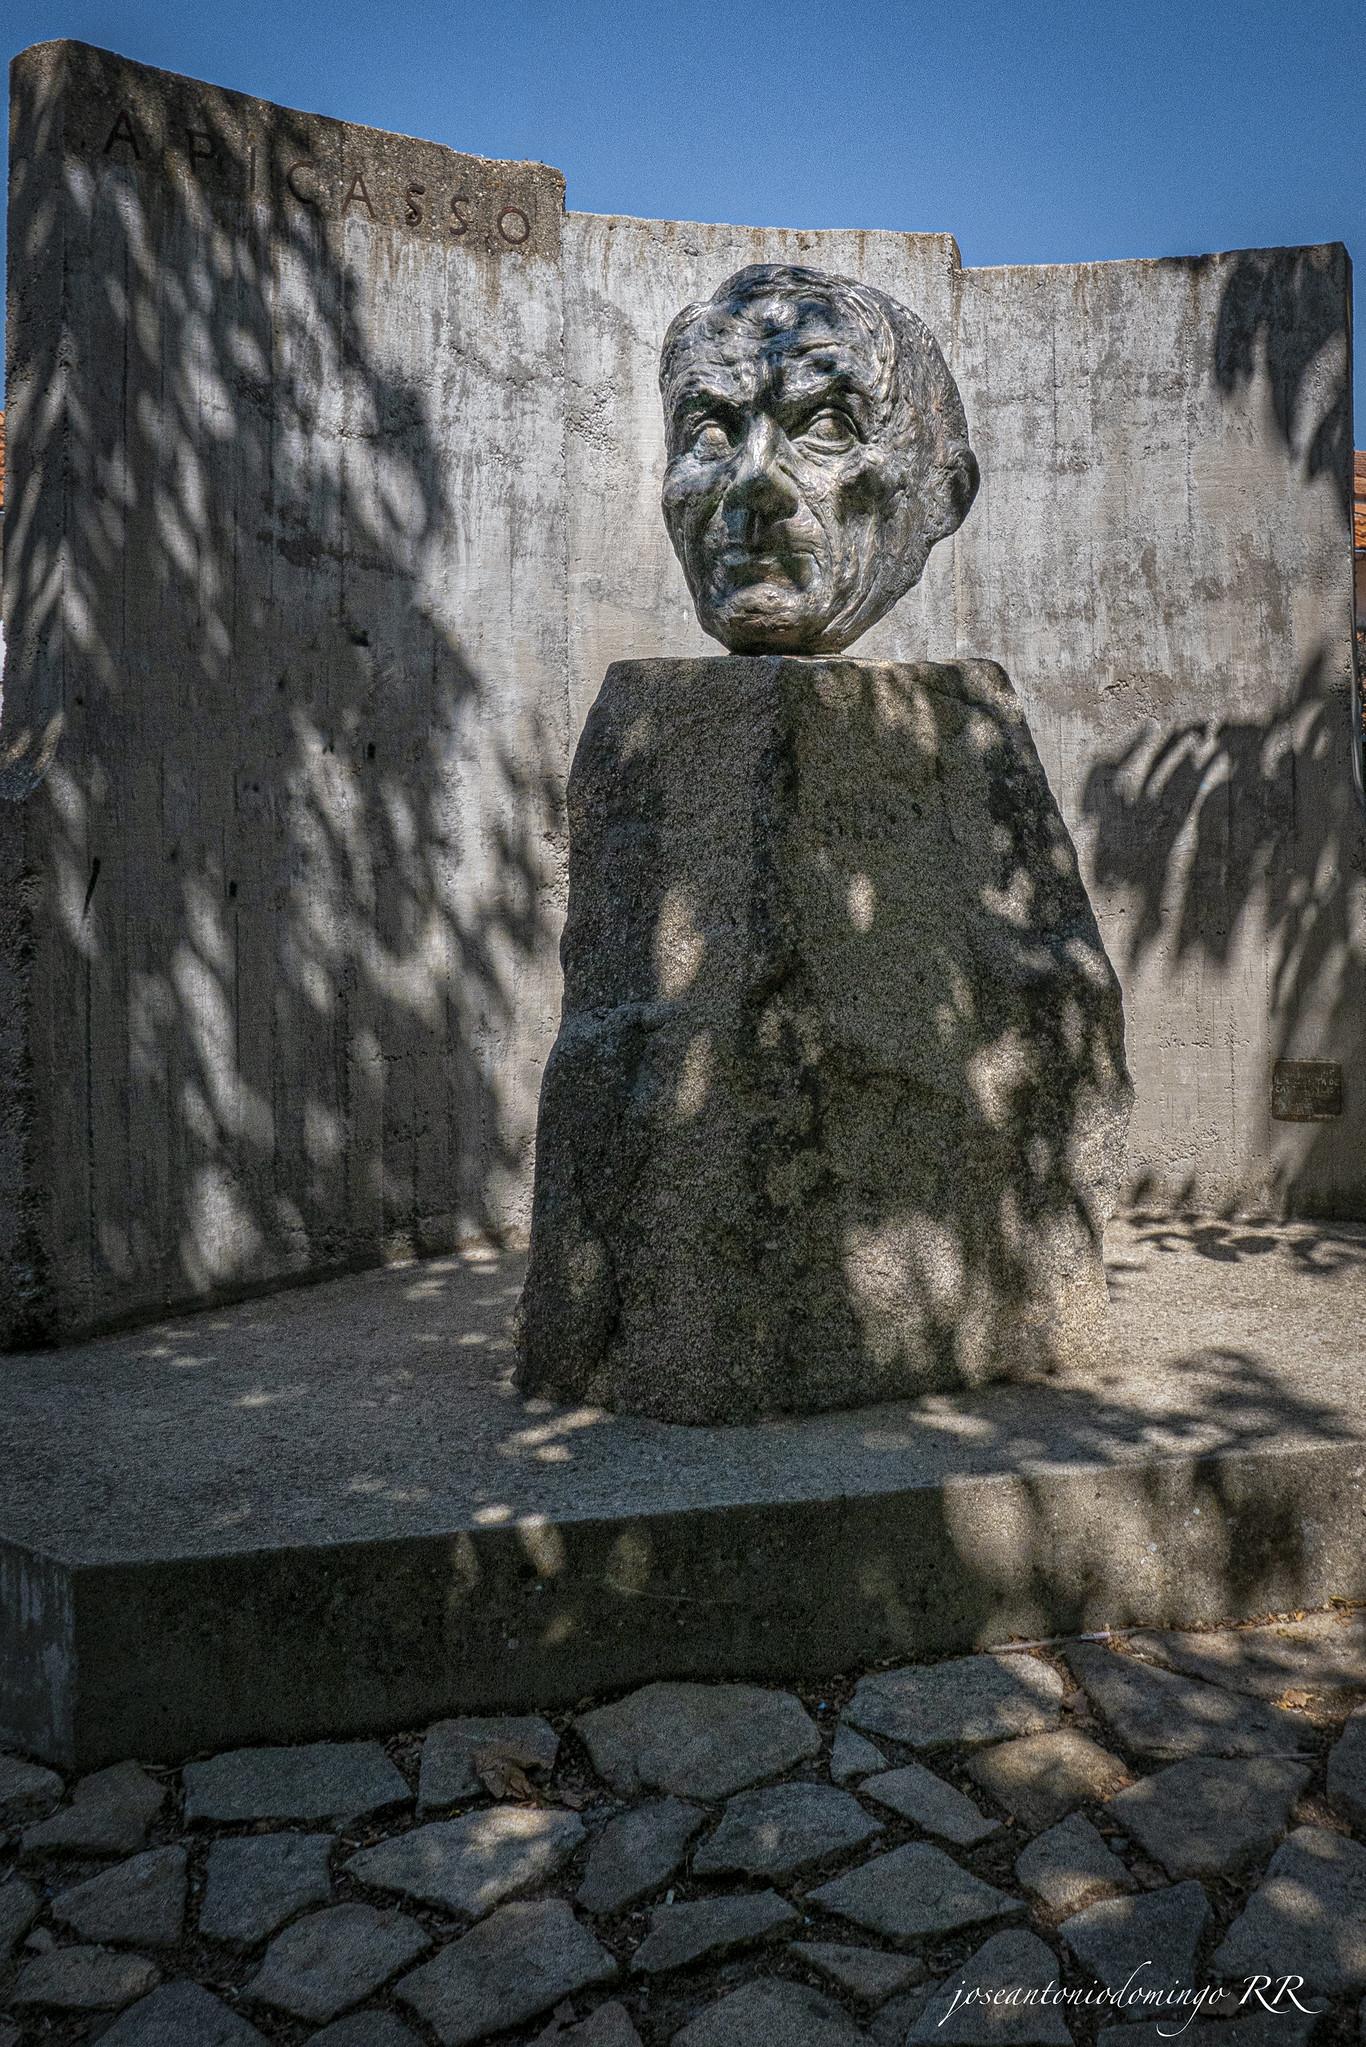 Escultura homenaje a Picasso.